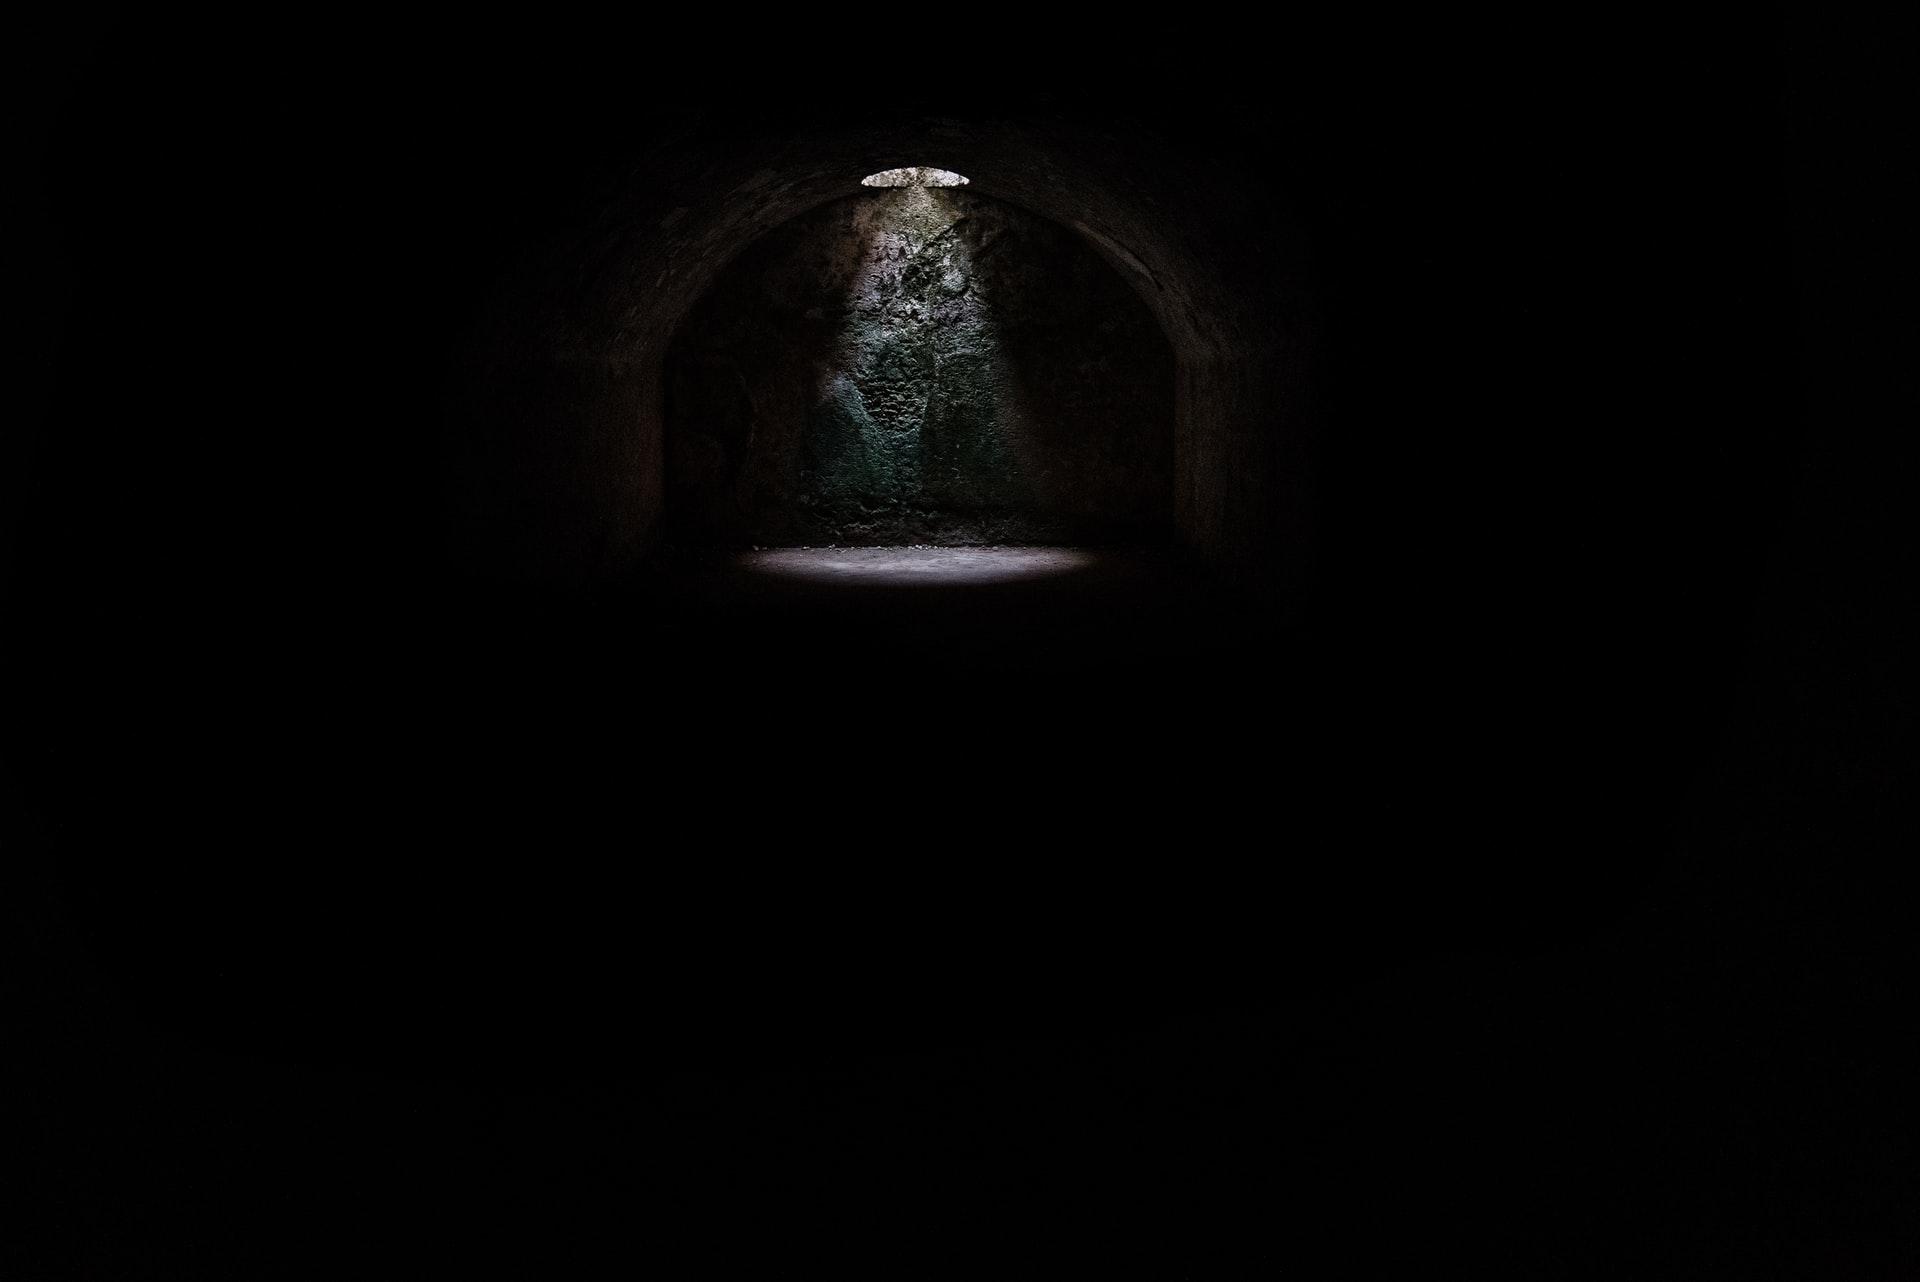 Une photo dépeignant une cellule plongée dans la nuit